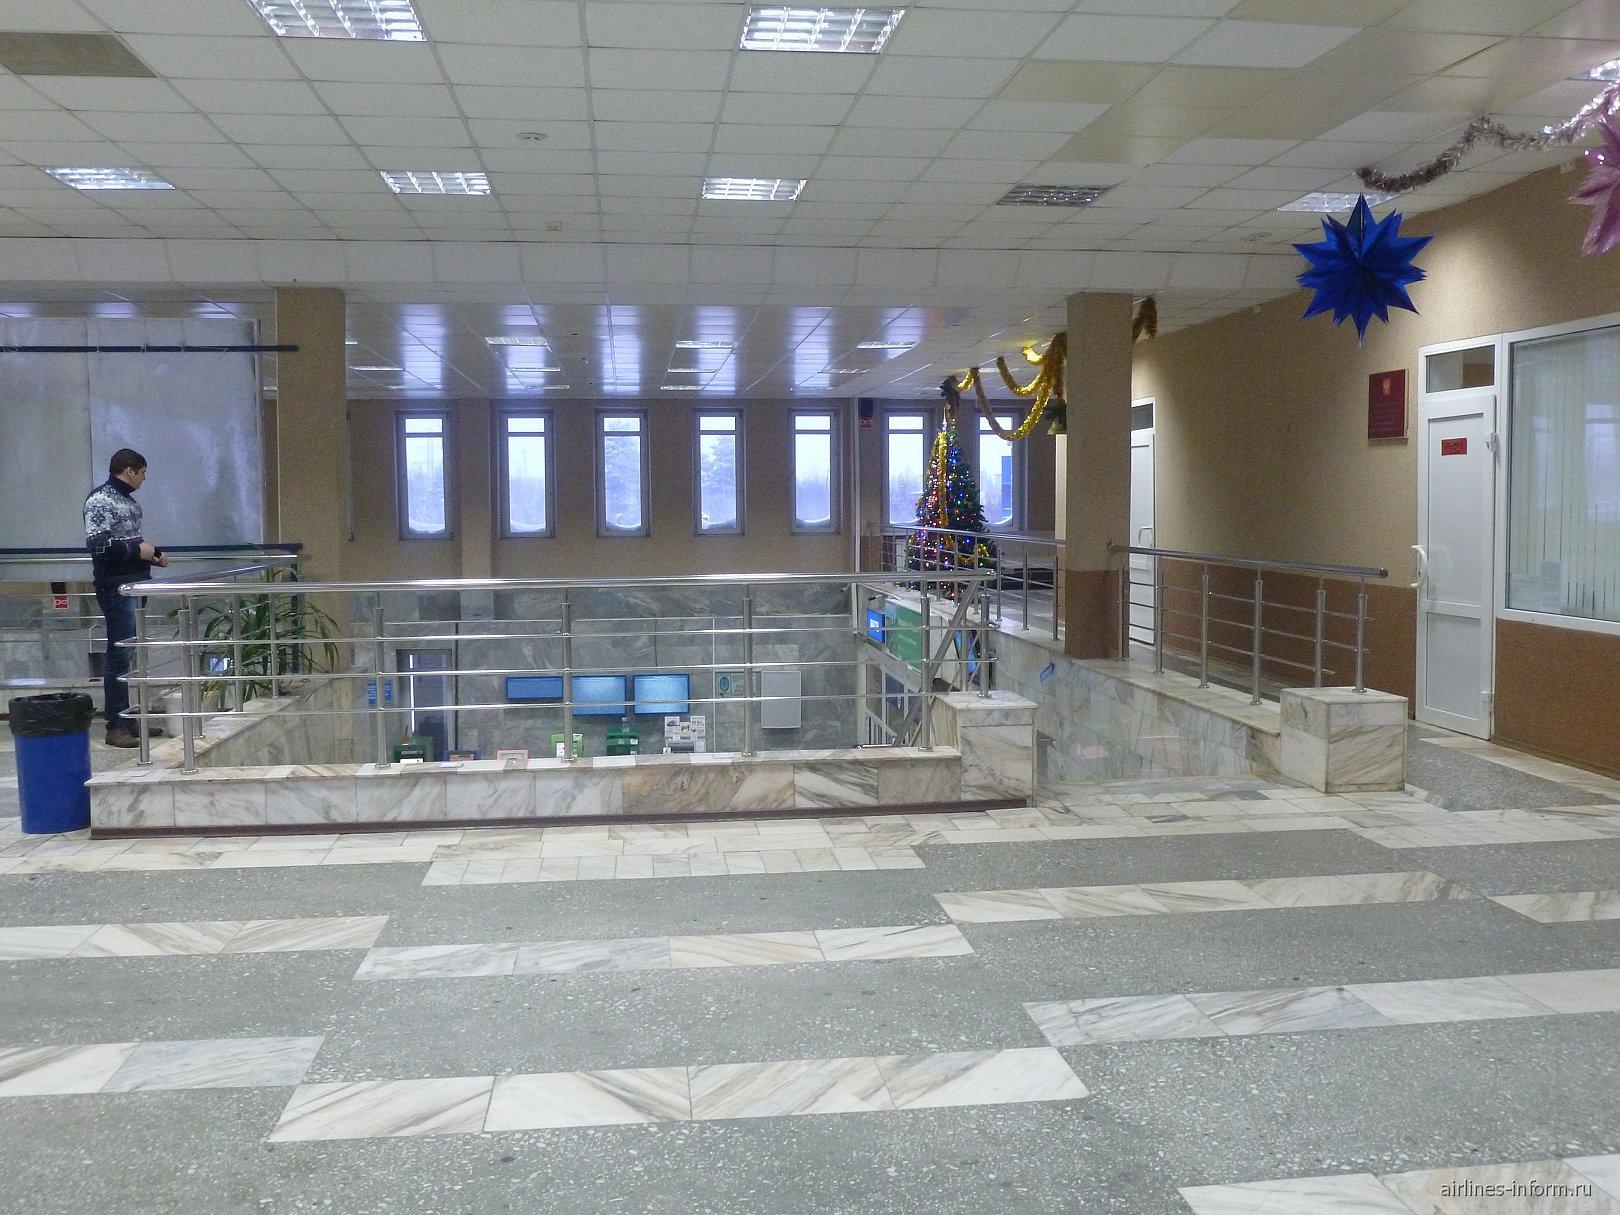 На 2-м этаже аэровокзала аэропорта Ноябрьск